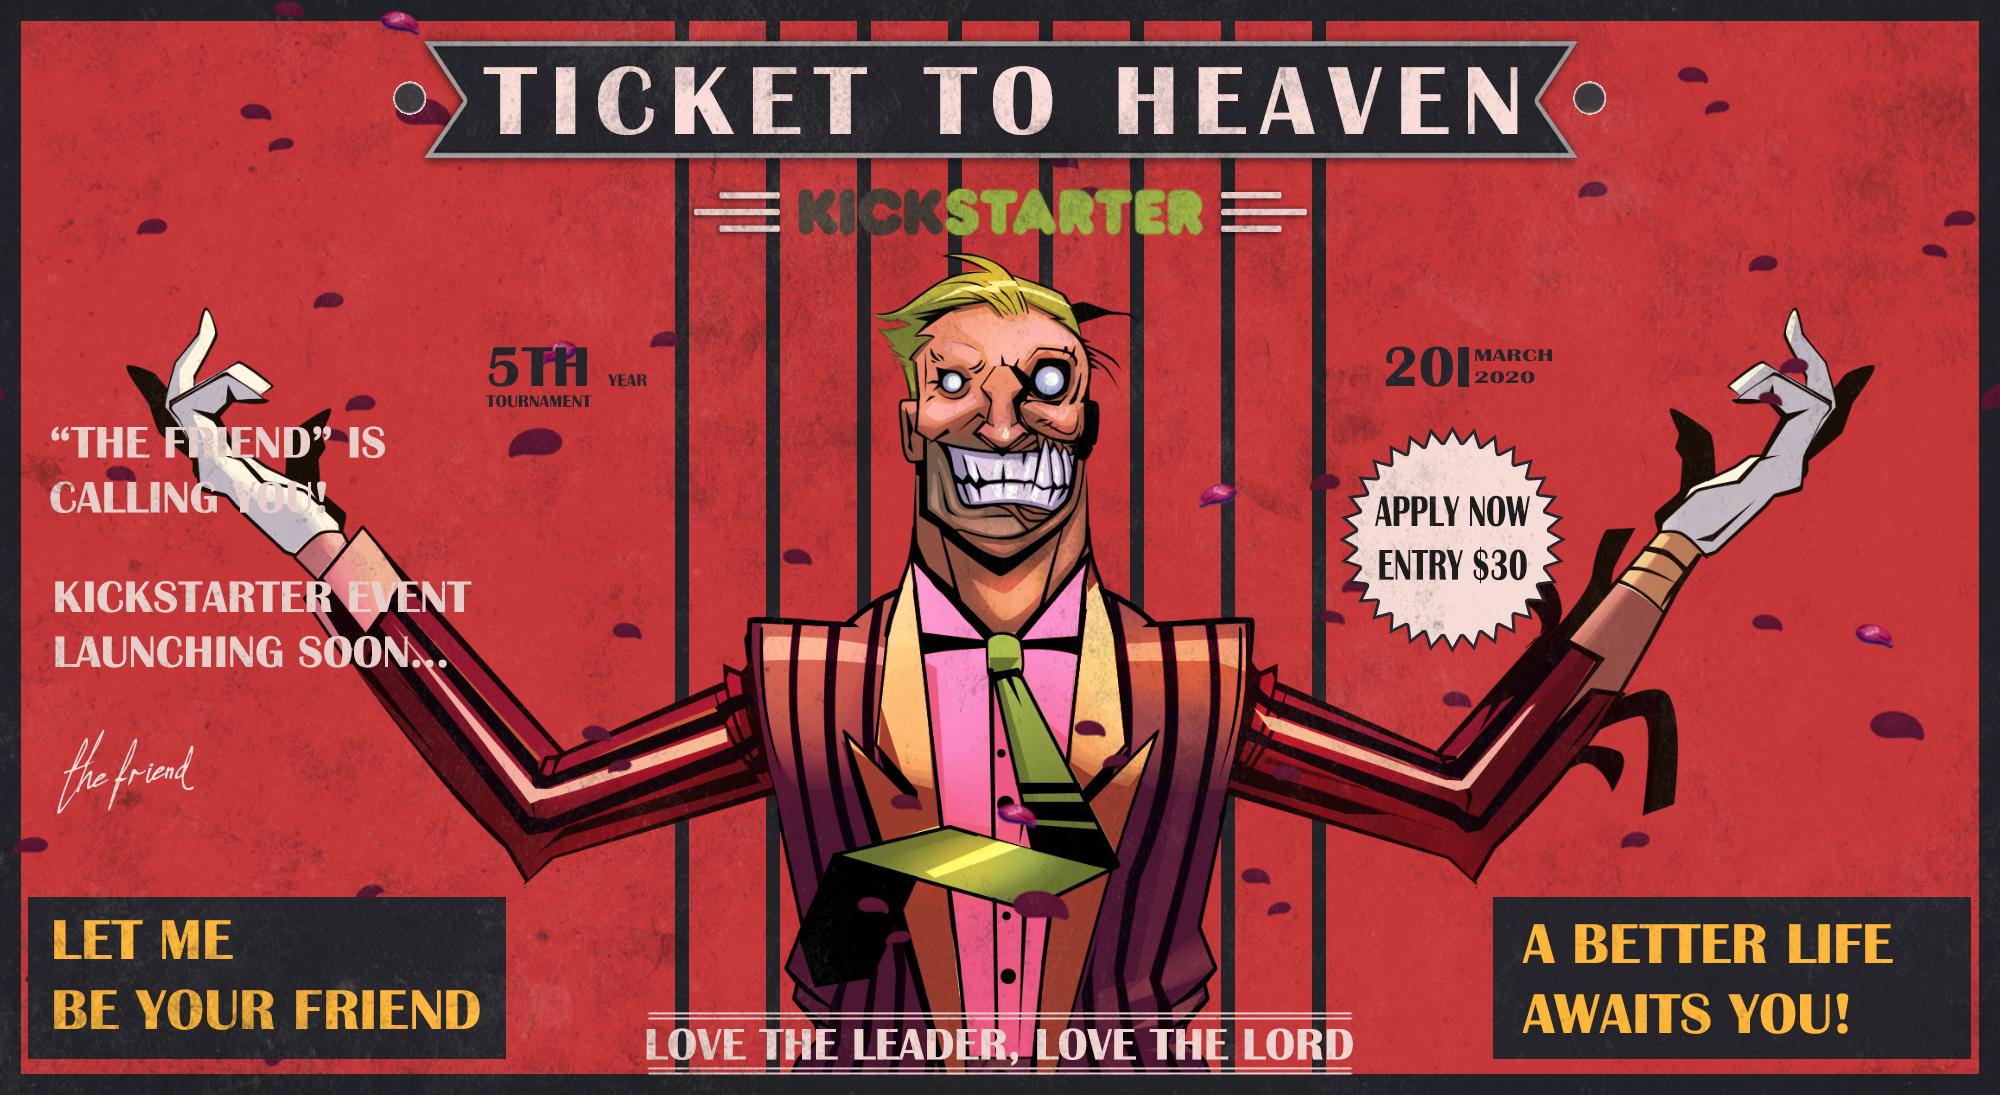 معرفی بازی ایرانی Ticket to Heaven با هممکاری استدیوی خارجی The Handmade Interactive